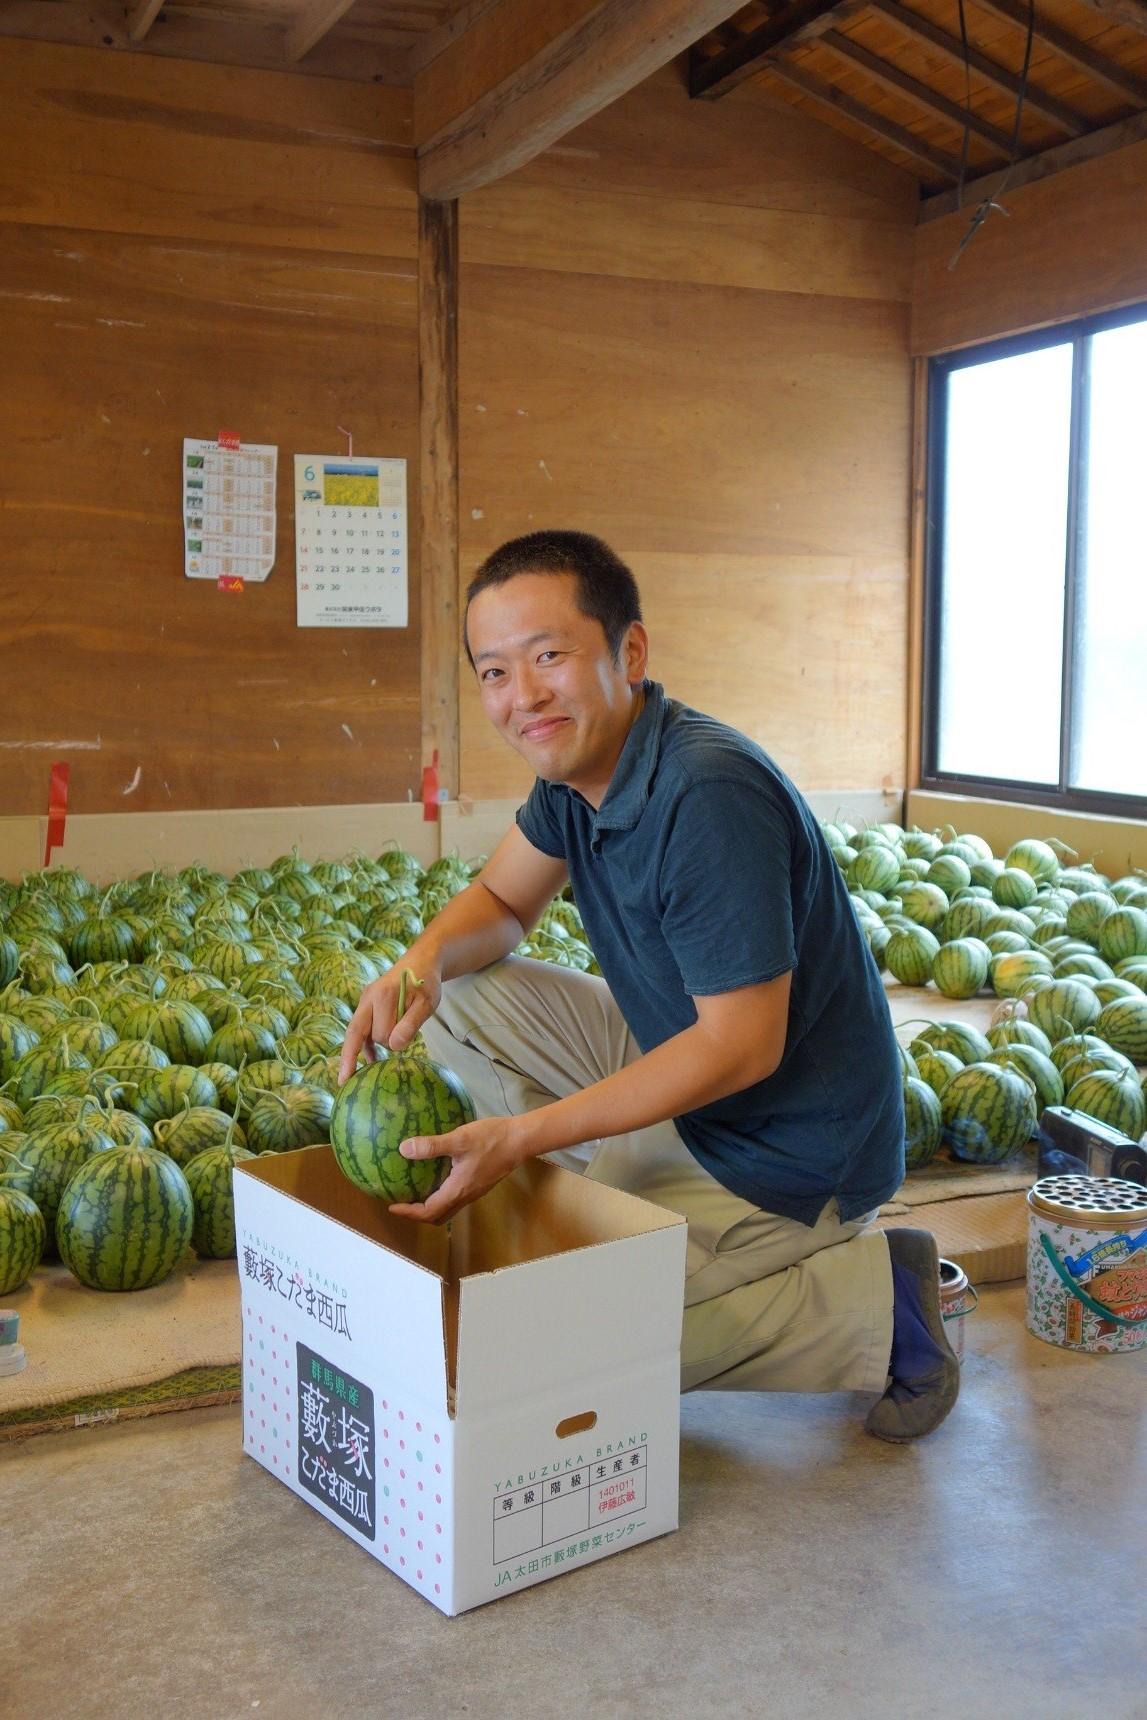 ぐんまの元気な生産者 伊藤さん